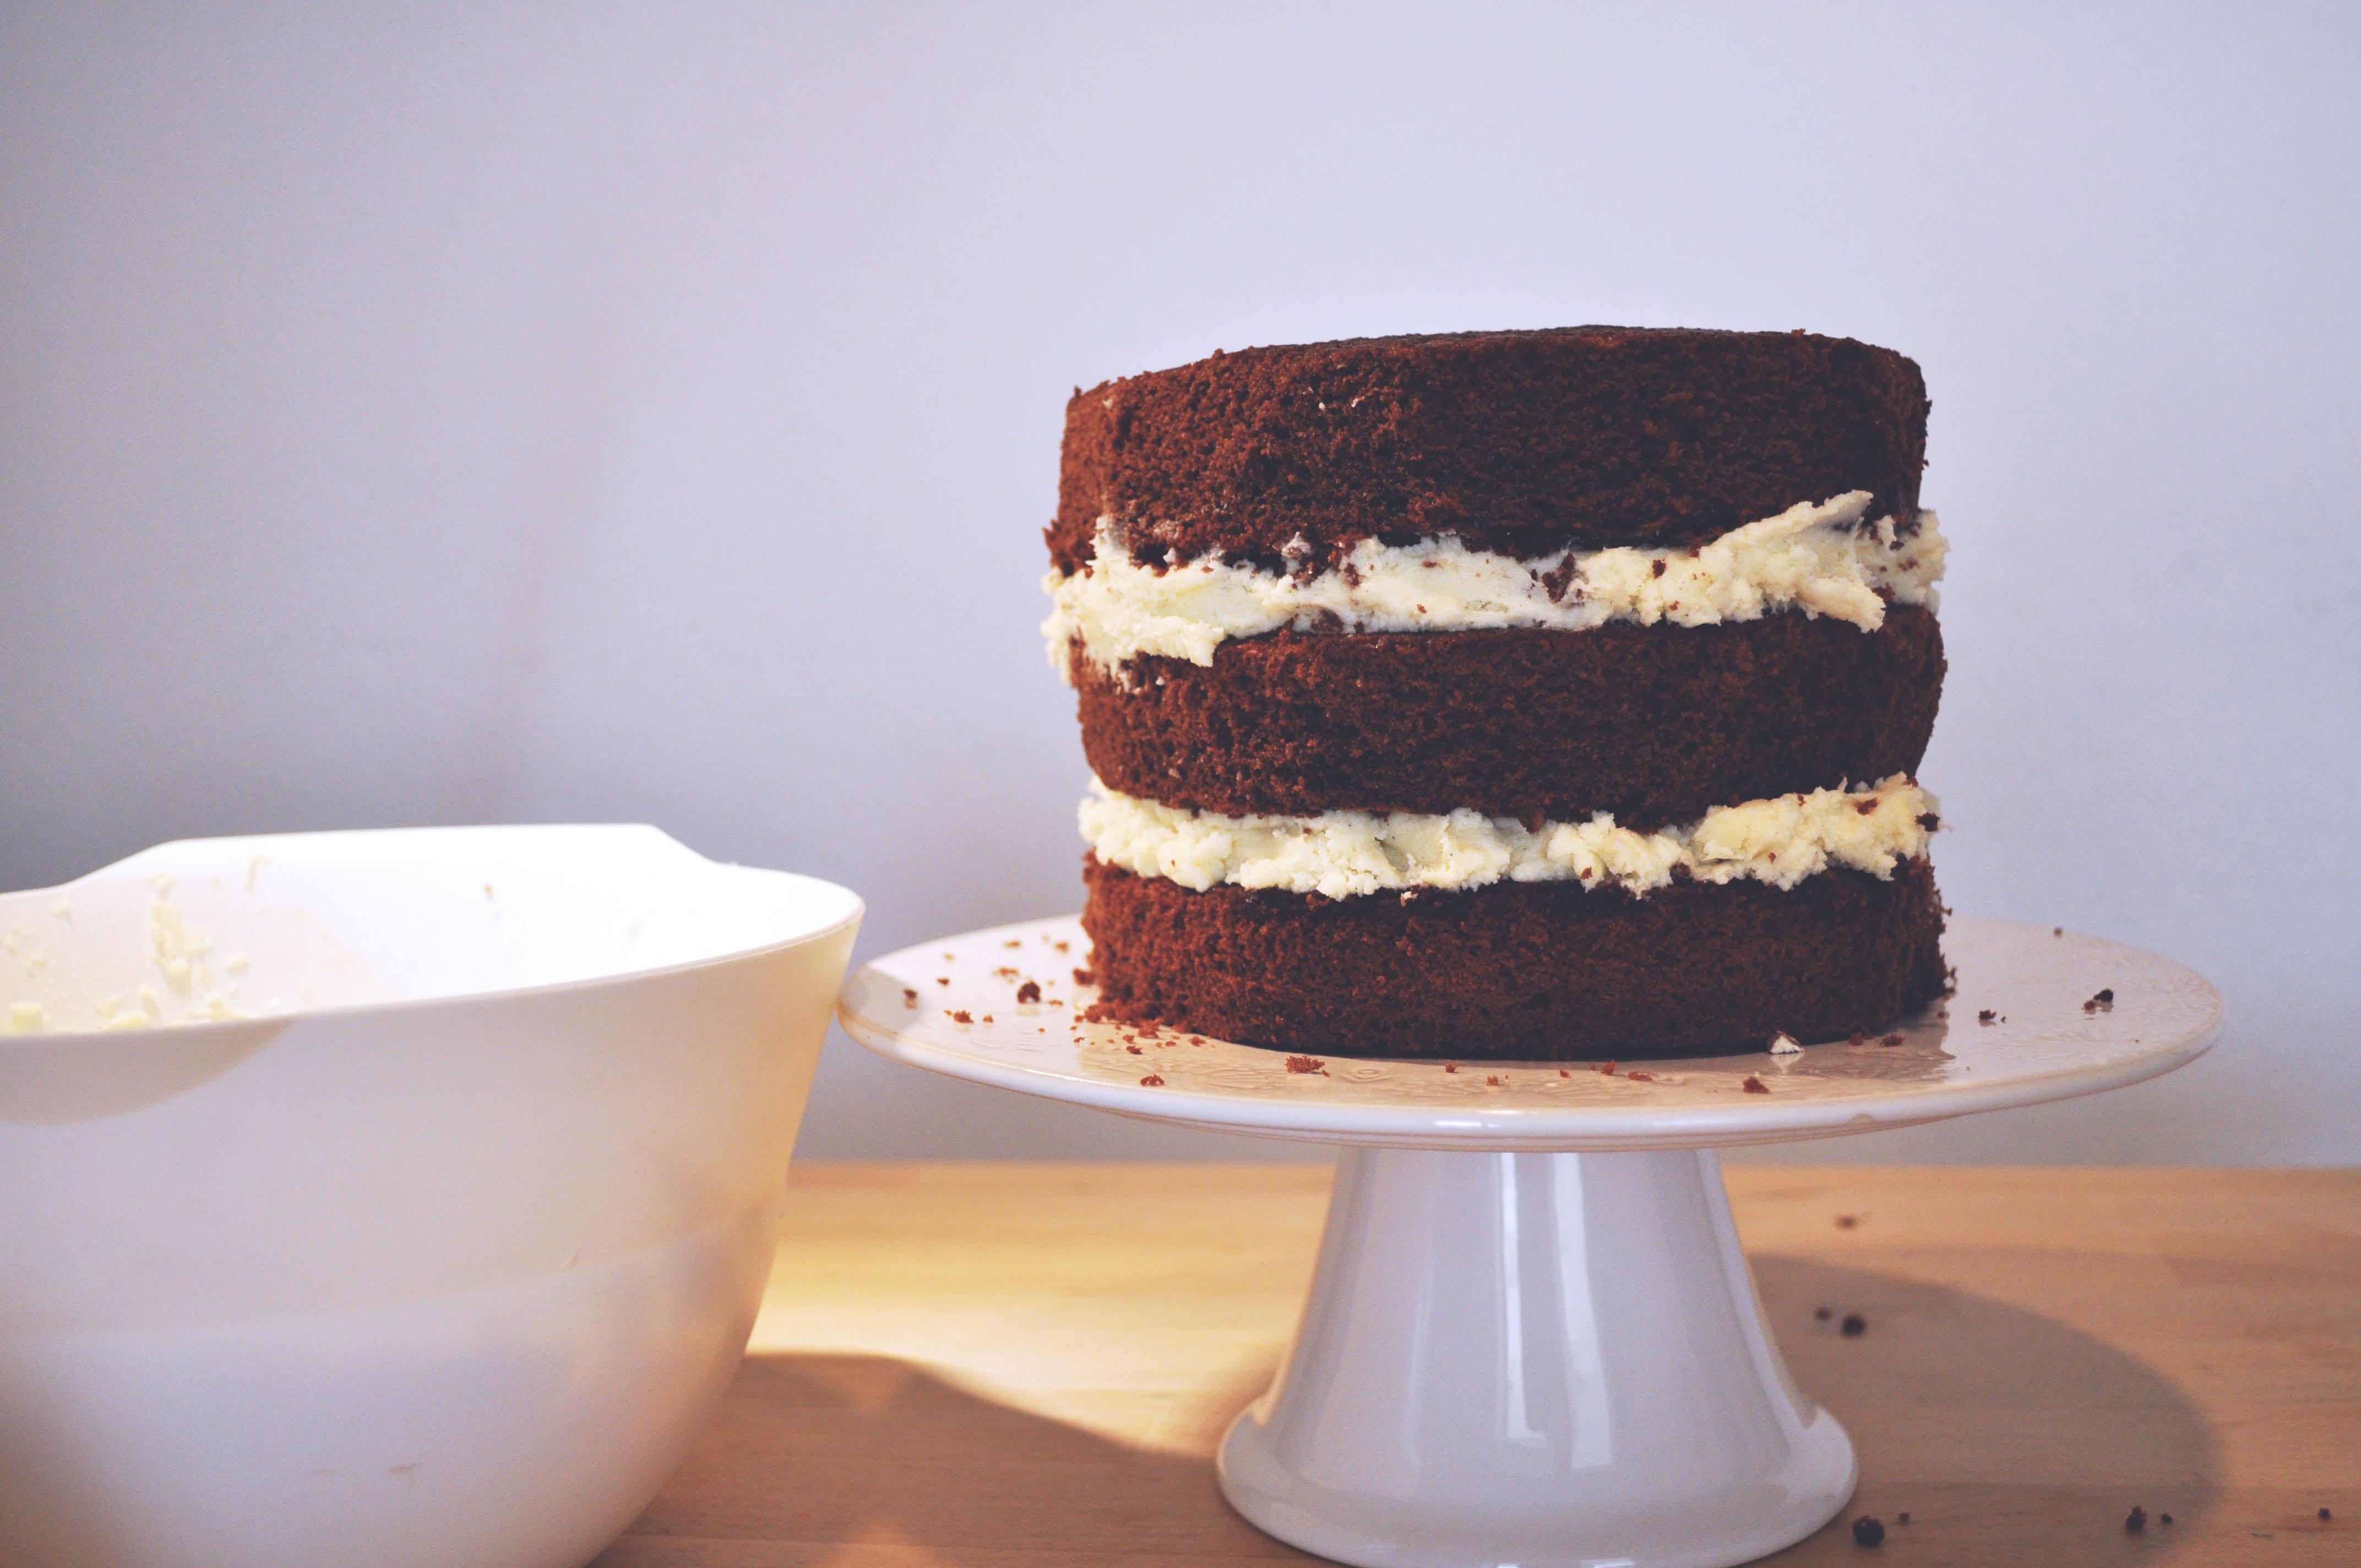 Torte mit frosting streichen